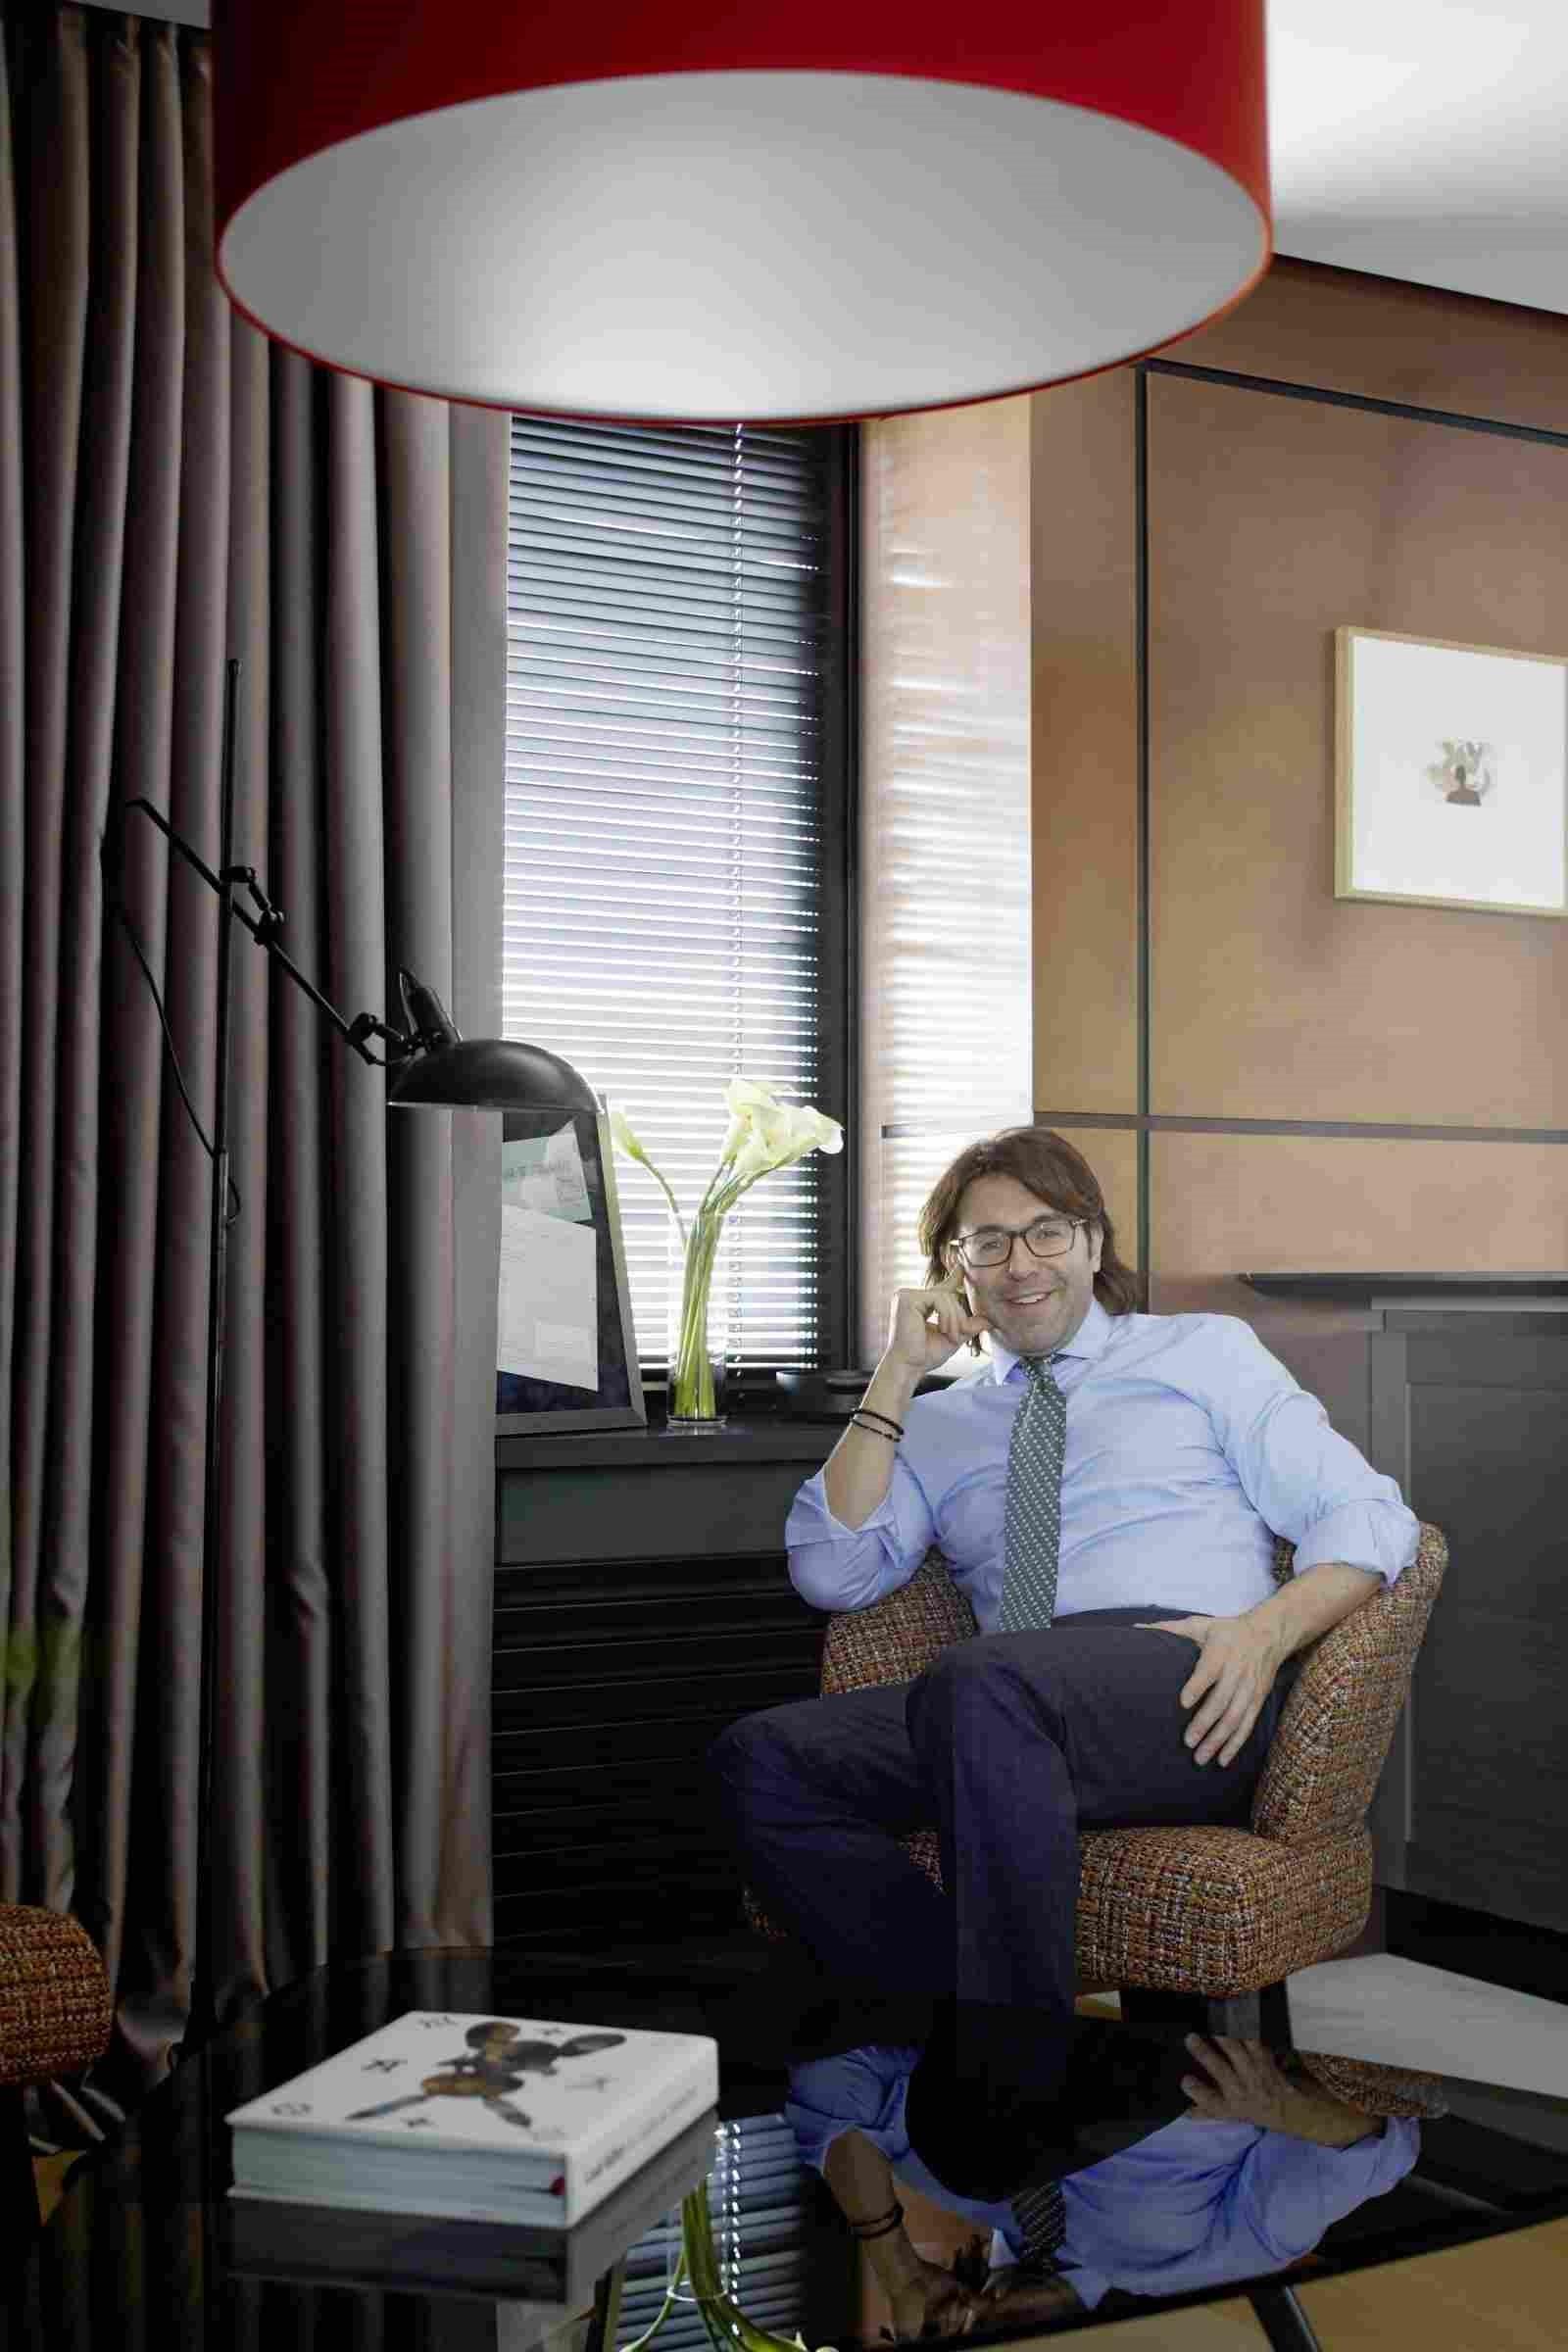 Апартаменты популярного ведущего: где живет Андрей Малахов